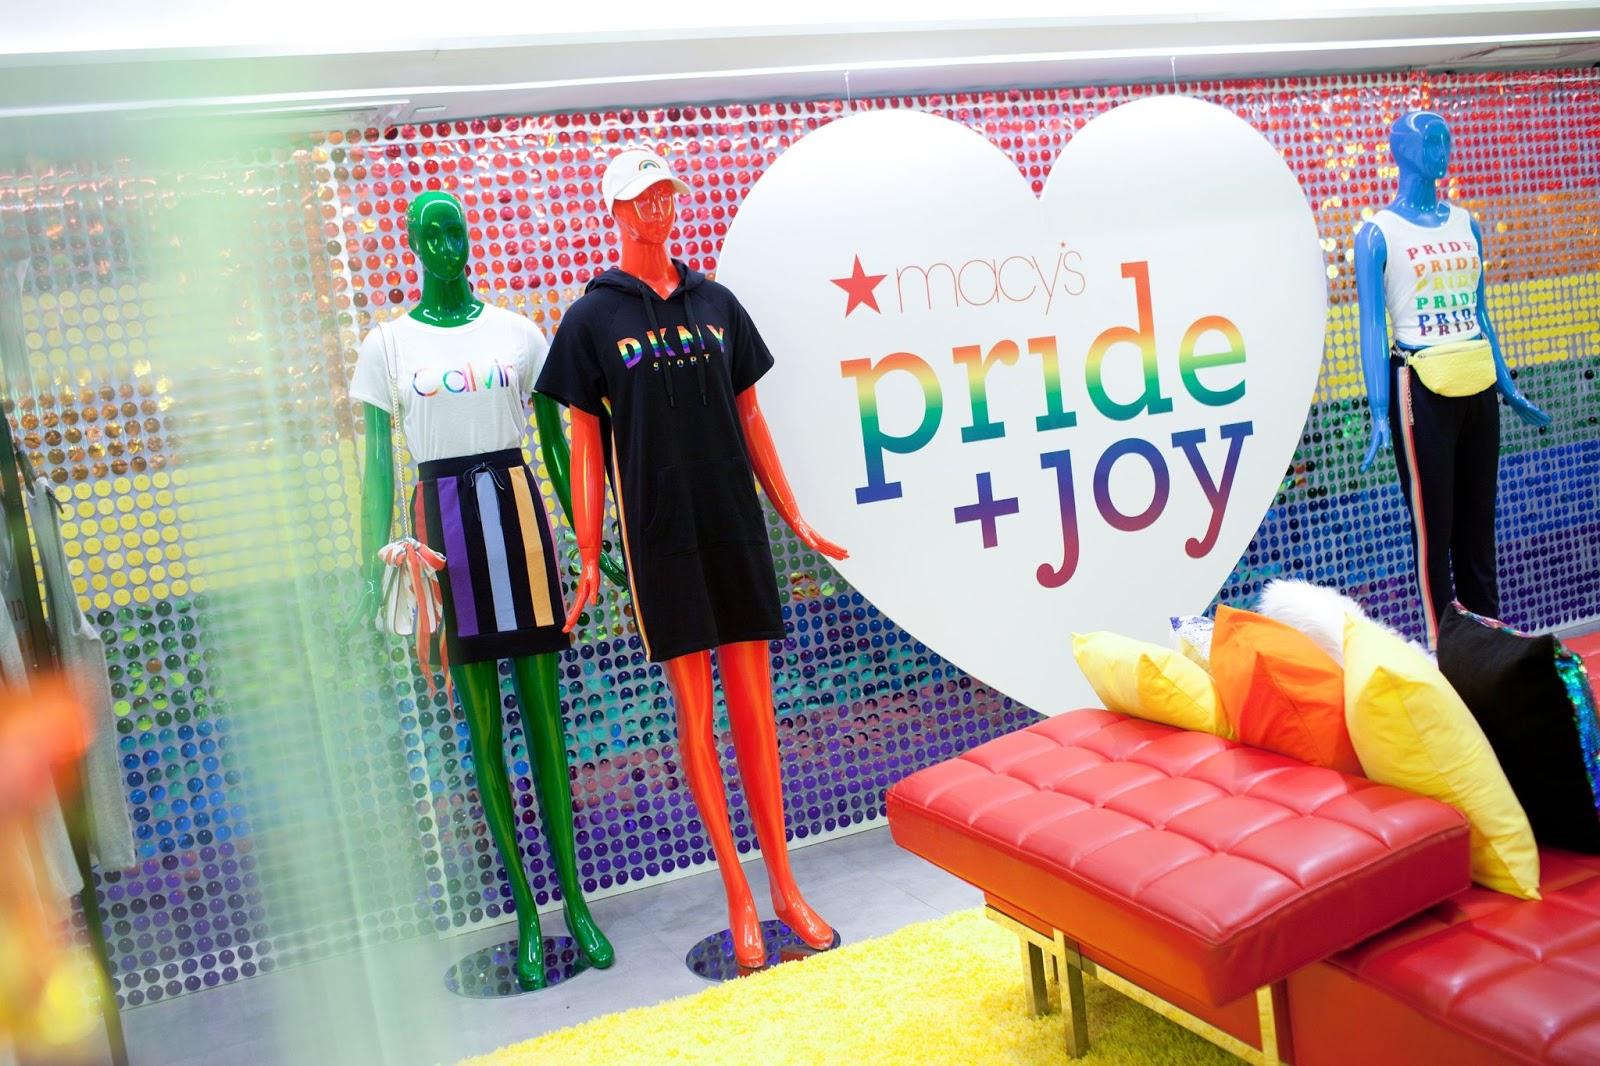 Macy's pride campaign